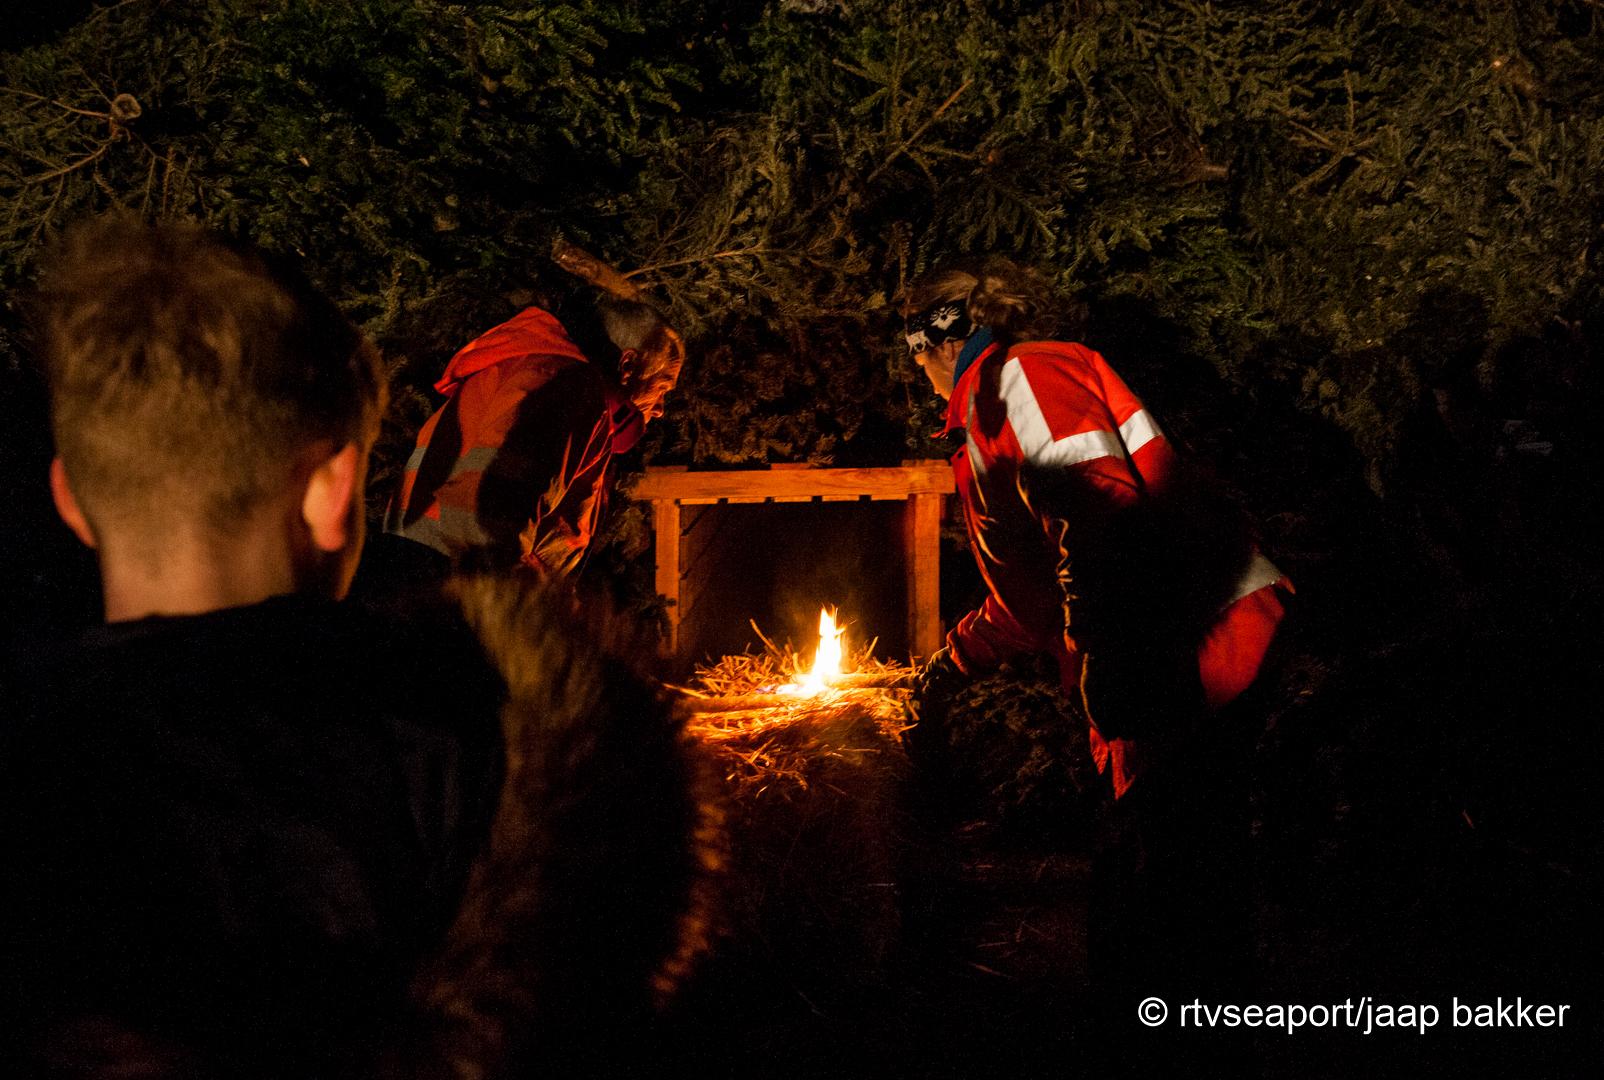 Kerstboomverbranding Velsen (6)